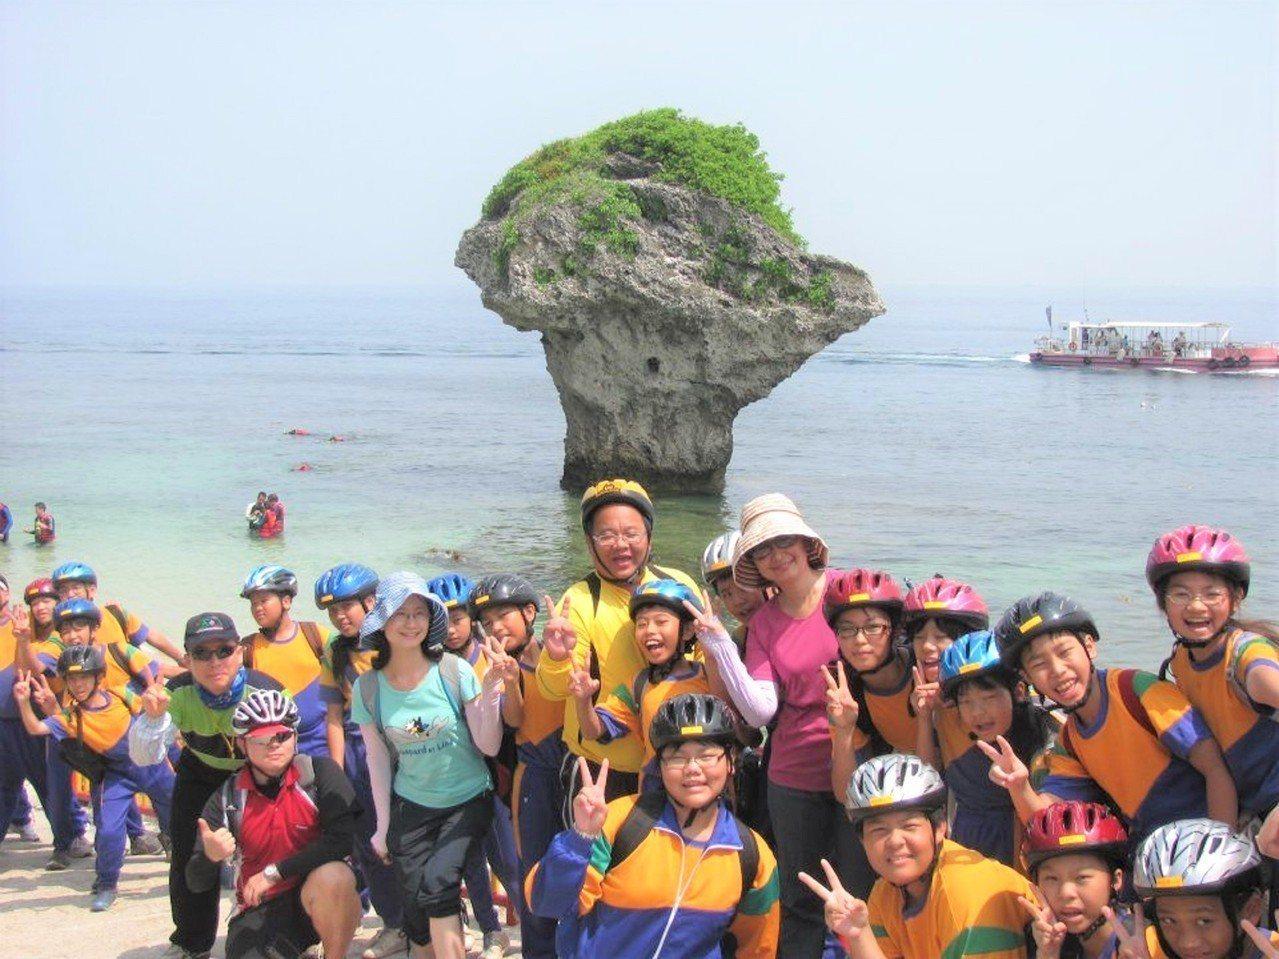 出身小琉球的國中校長蘇傳桔(中間戴眼鏡者),打從在琉球國中當主任時就是當地的最佳...